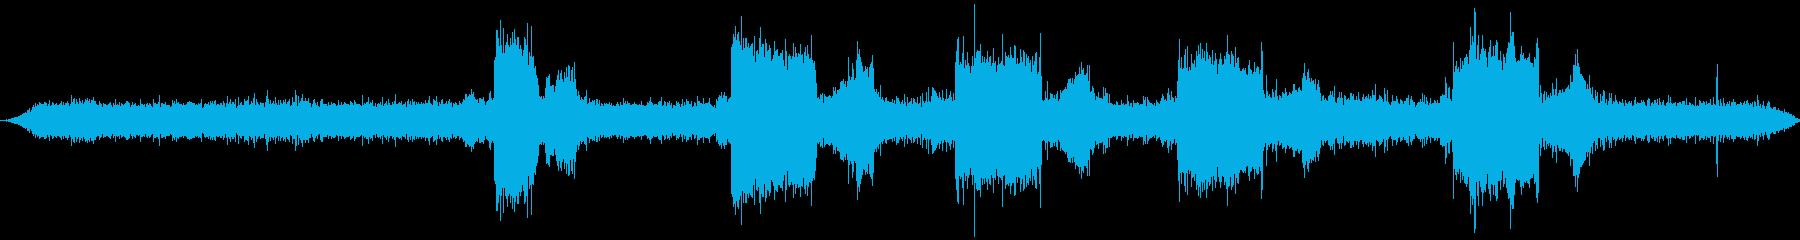 アンティーク製材所:ディーゼルエン...の再生済みの波形